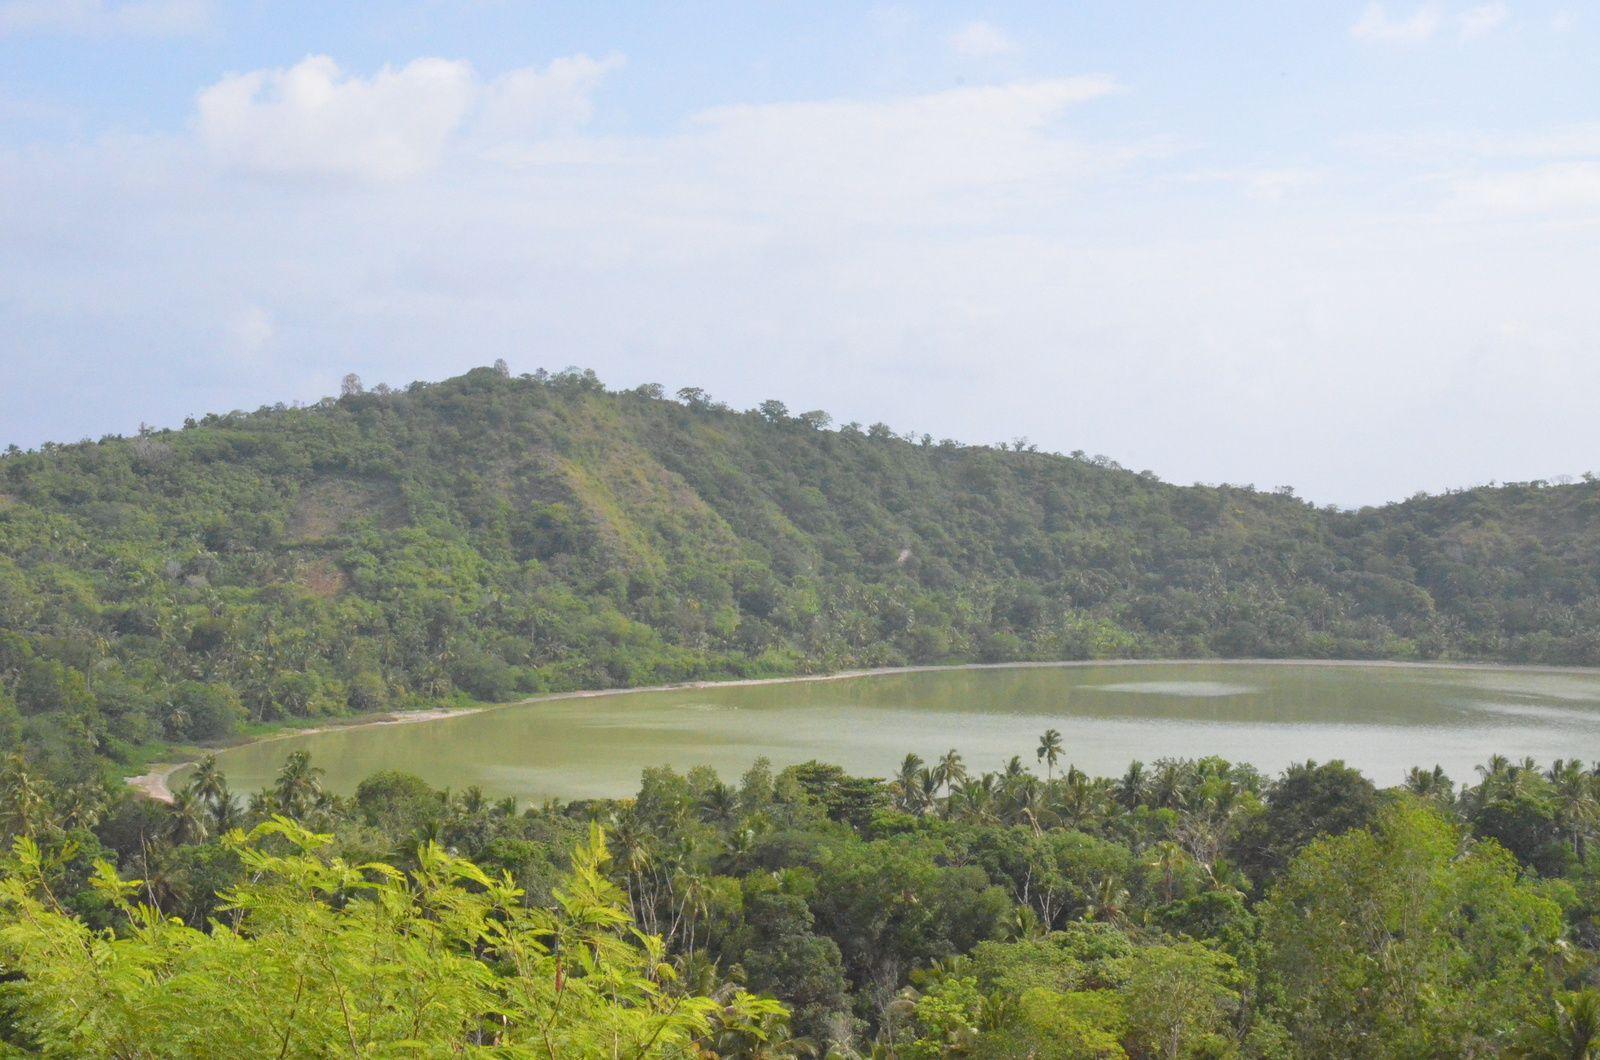 Le lac Dziani est un lac de cratère dont les eaux emeraudes sont dûes à une forte teneur en soufre. La baignade y est donc impossible.